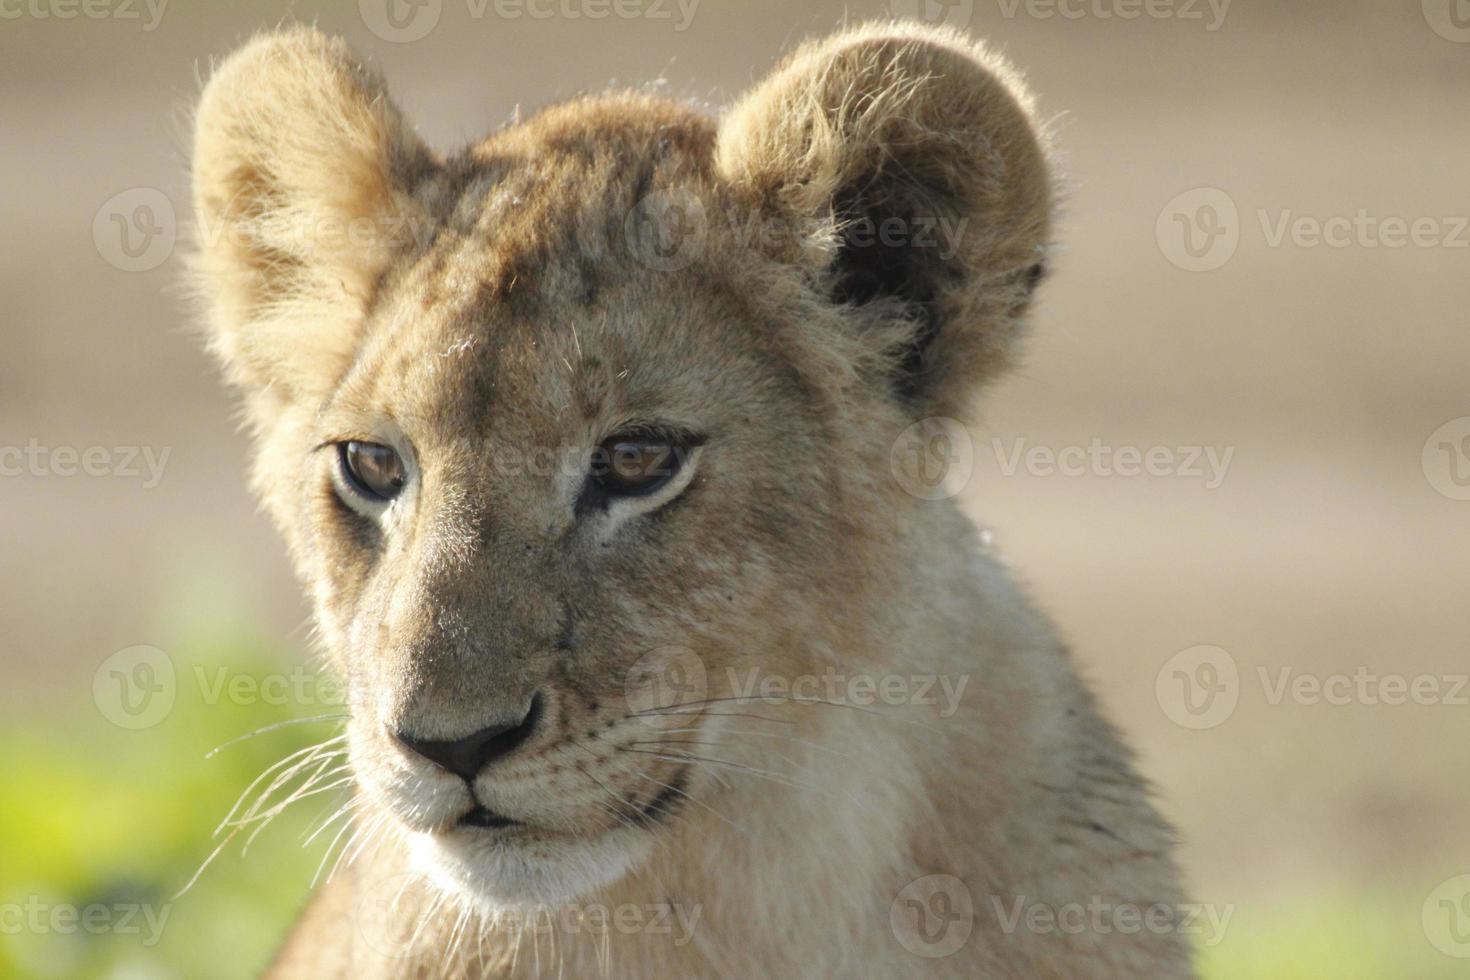 Afrikaanse leeuwenwelp foto